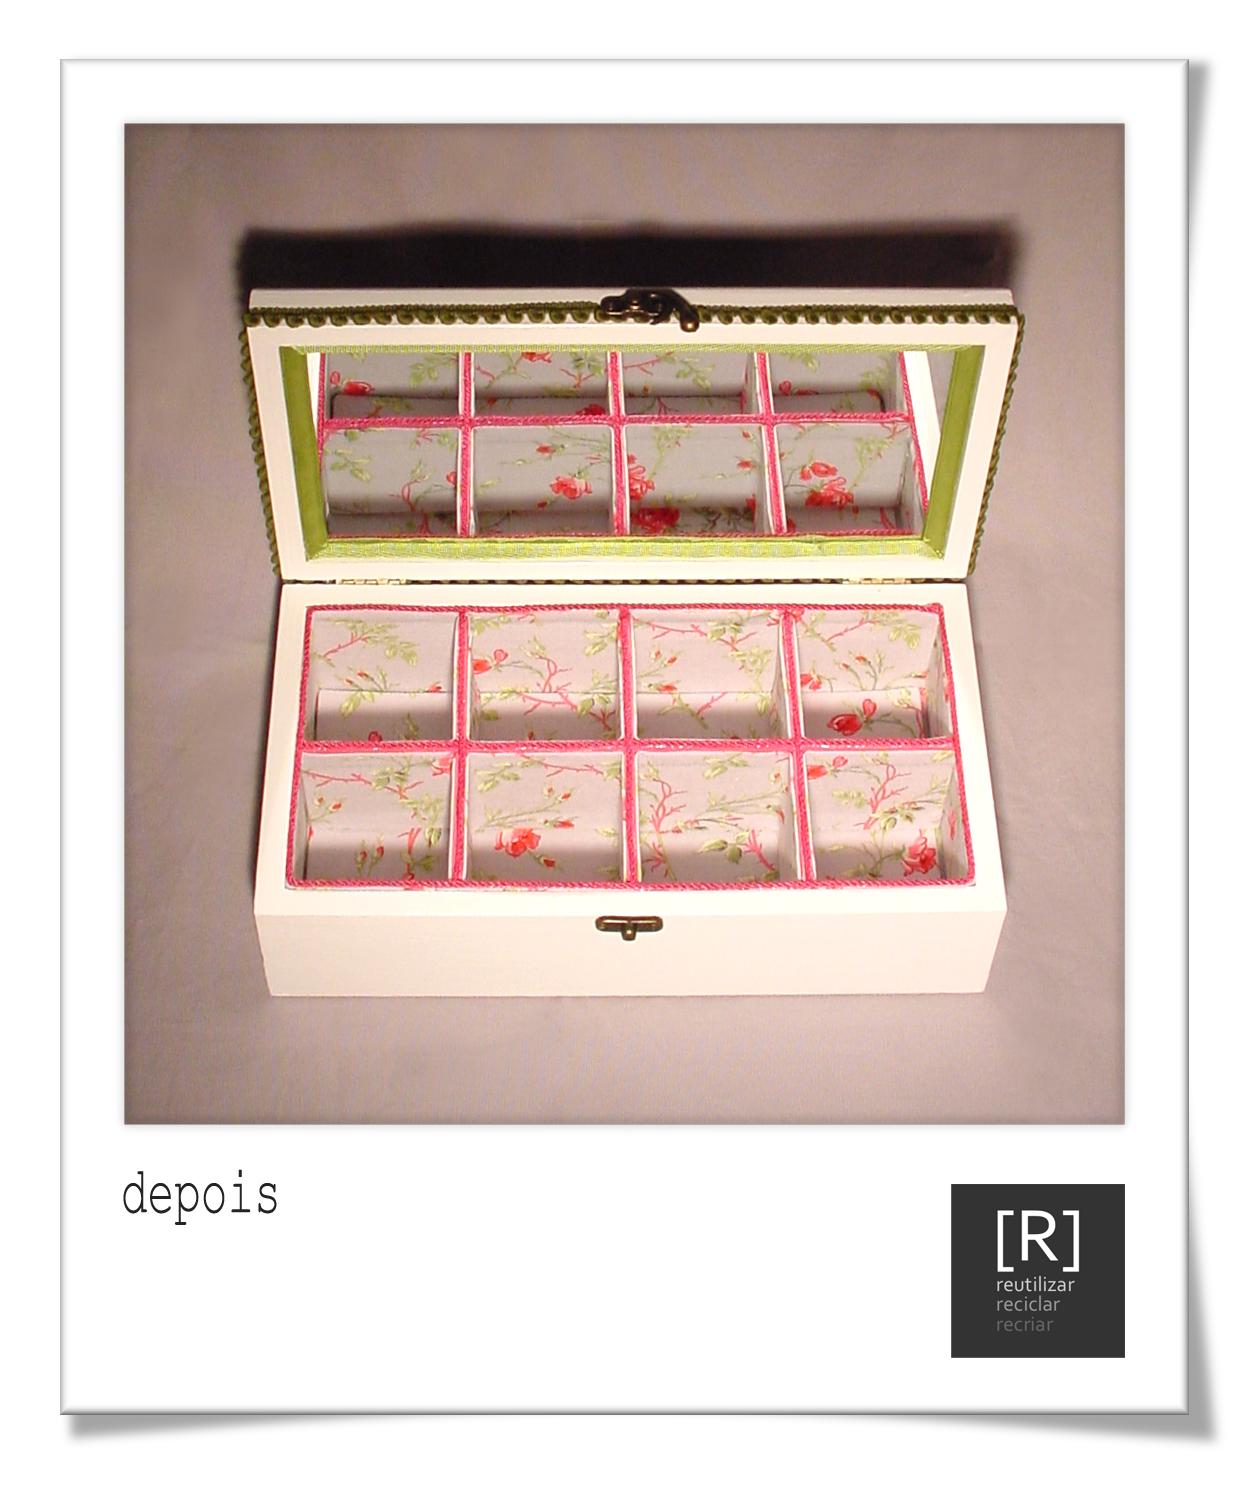 corresponde a uma caixa de madeira com oito compartimentos interiores #BD0E25 1252x1486